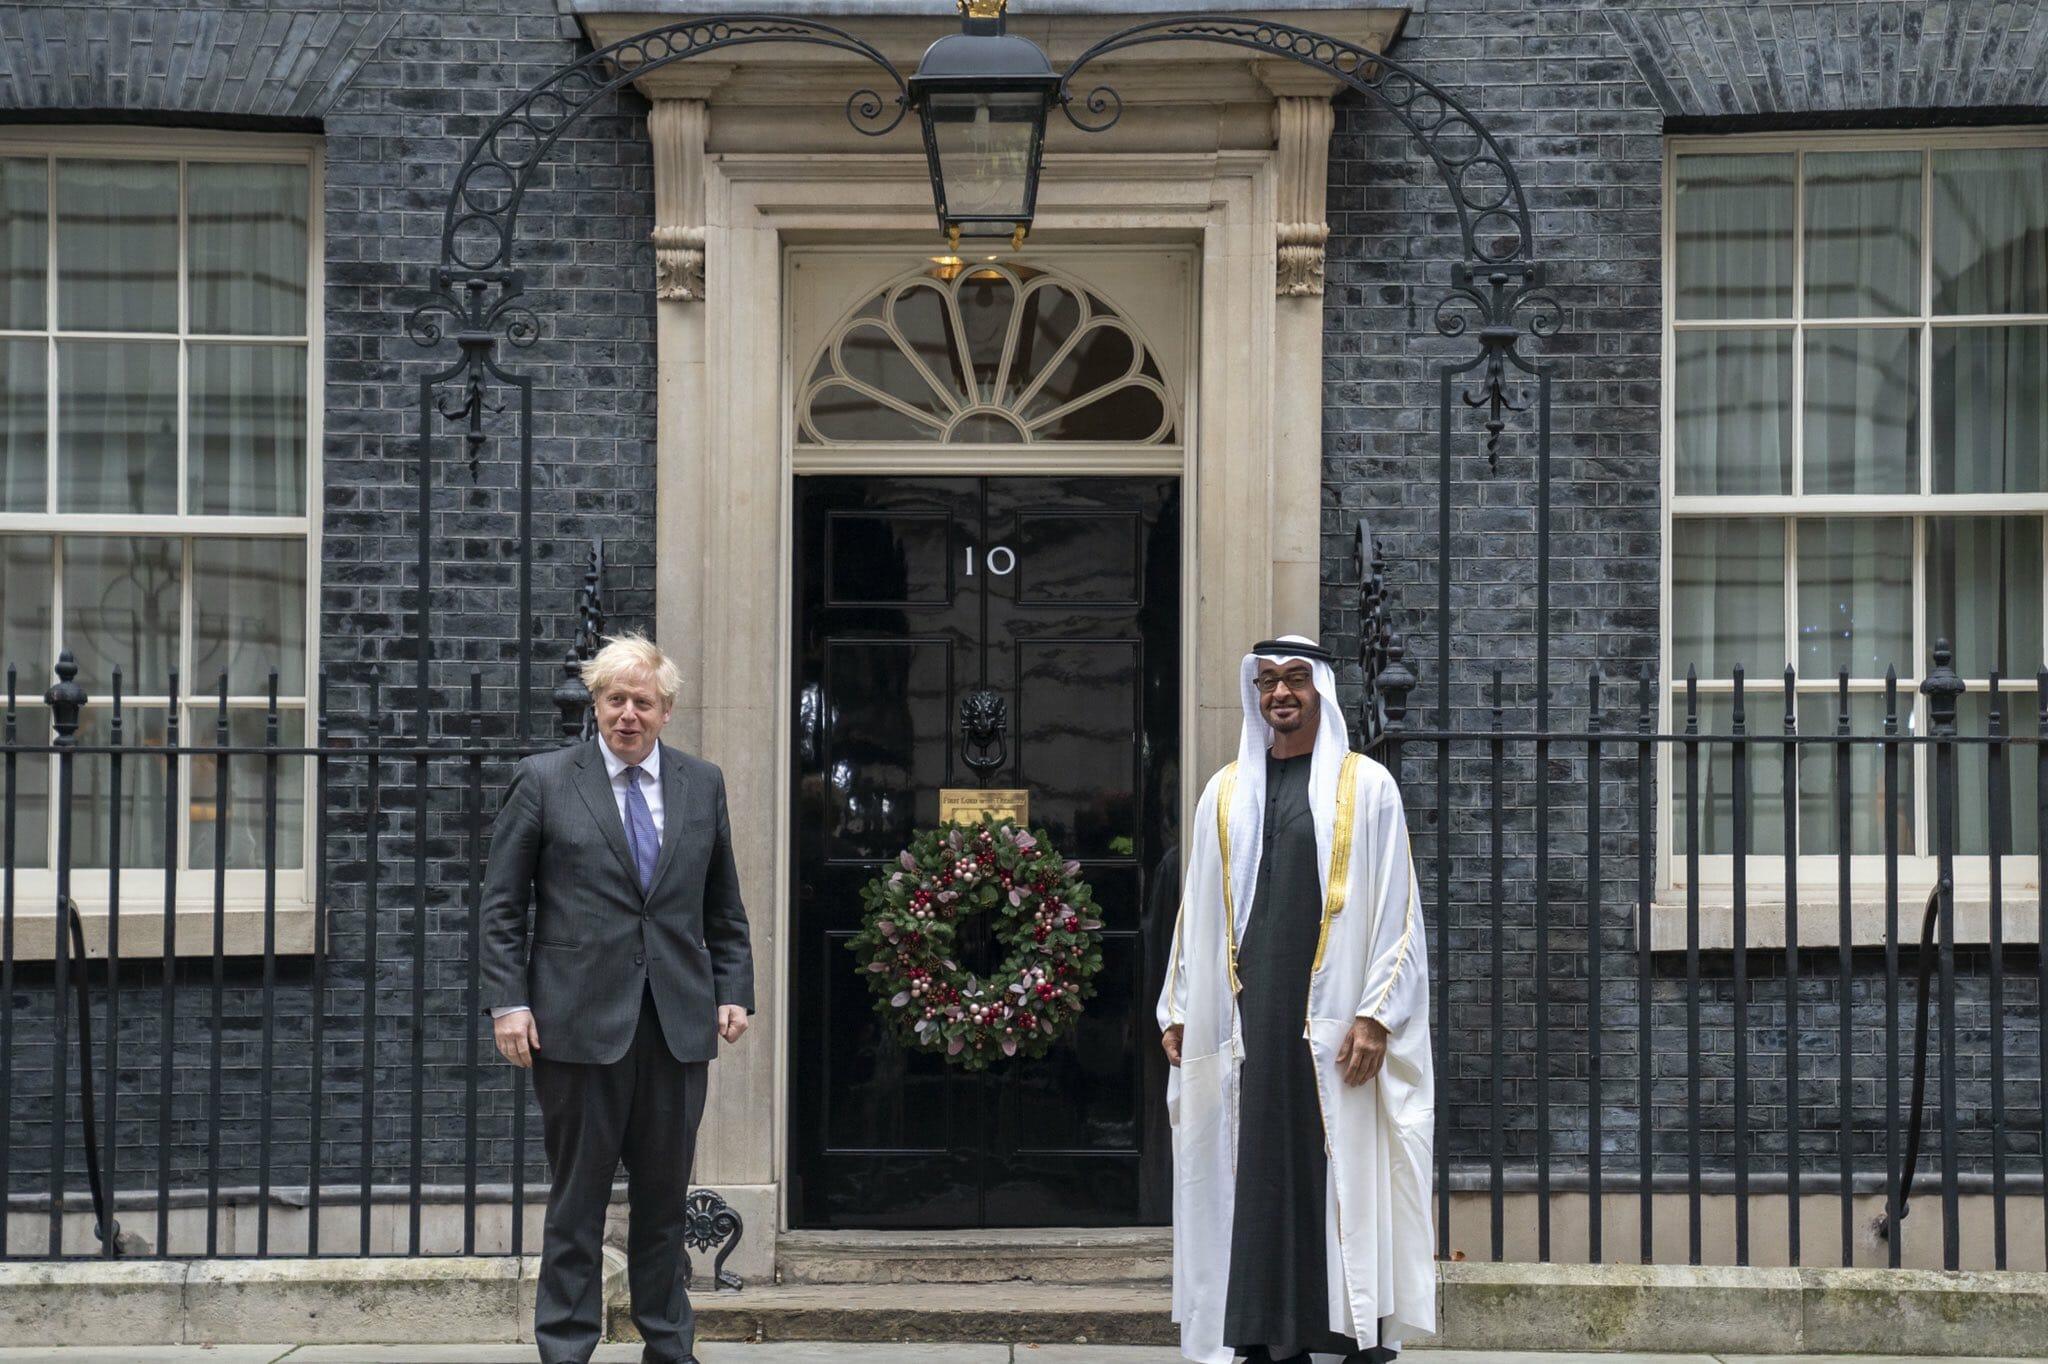 محمد بن زايد يلتقي سراً بوريس جونسون رئيس وزراء بريطانيا